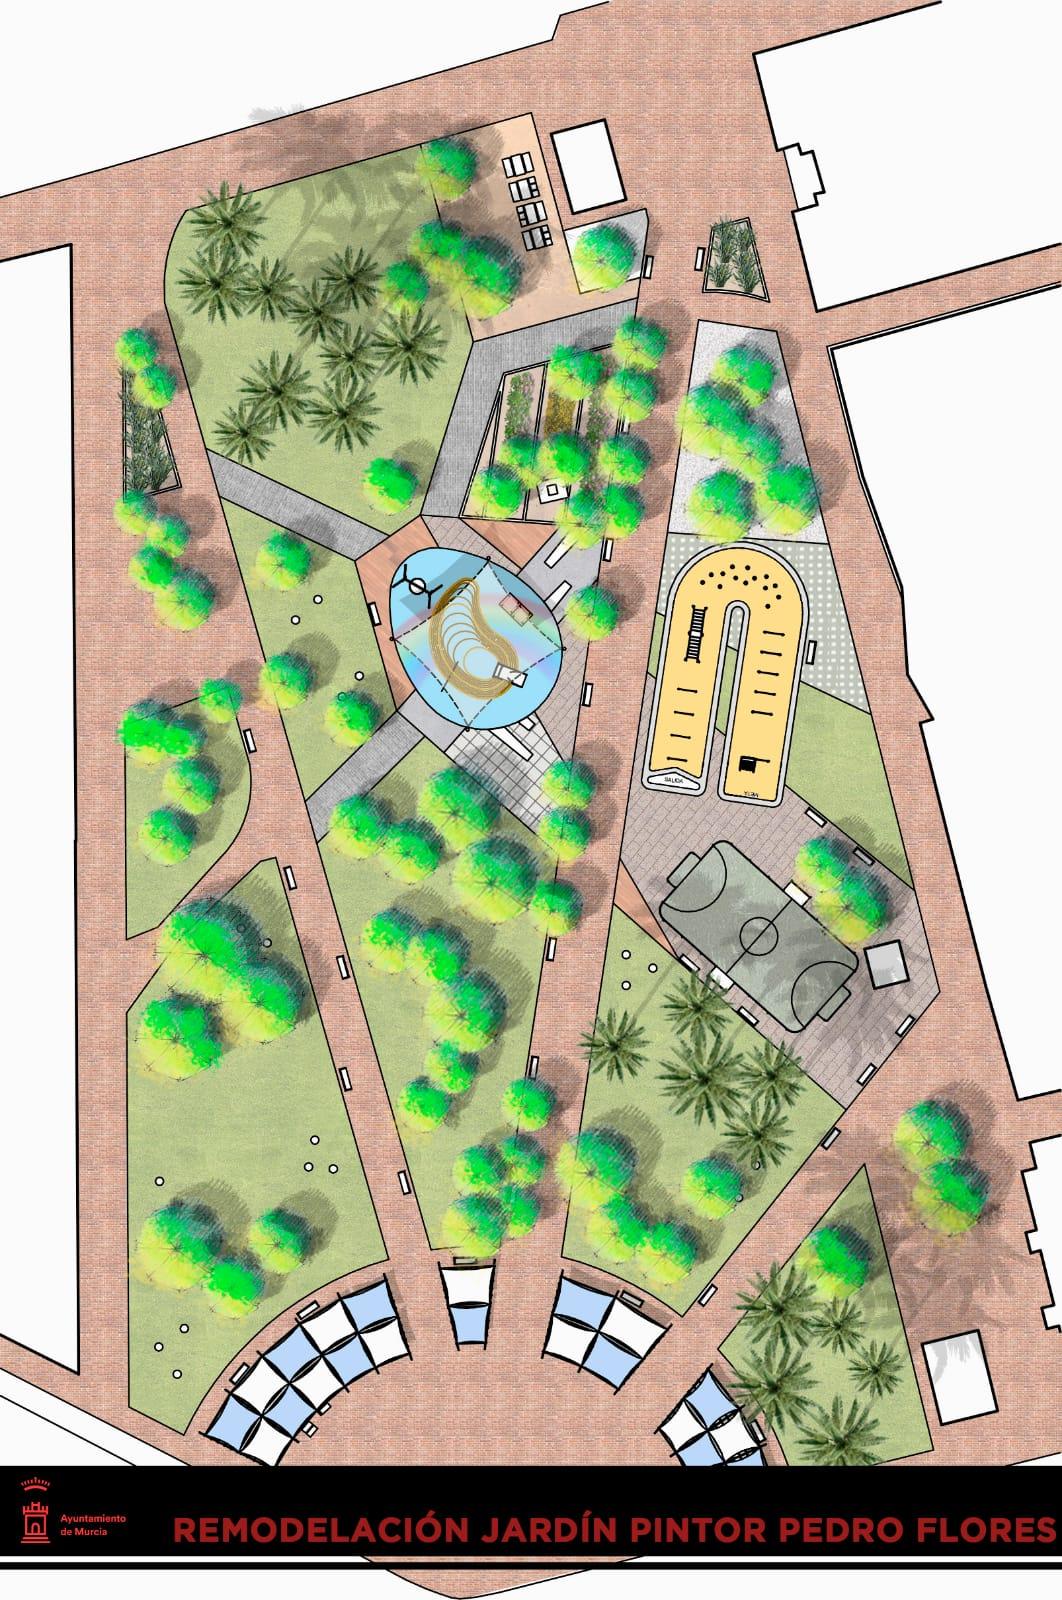 Mapa de cómo será el jardín pintor pedro flores